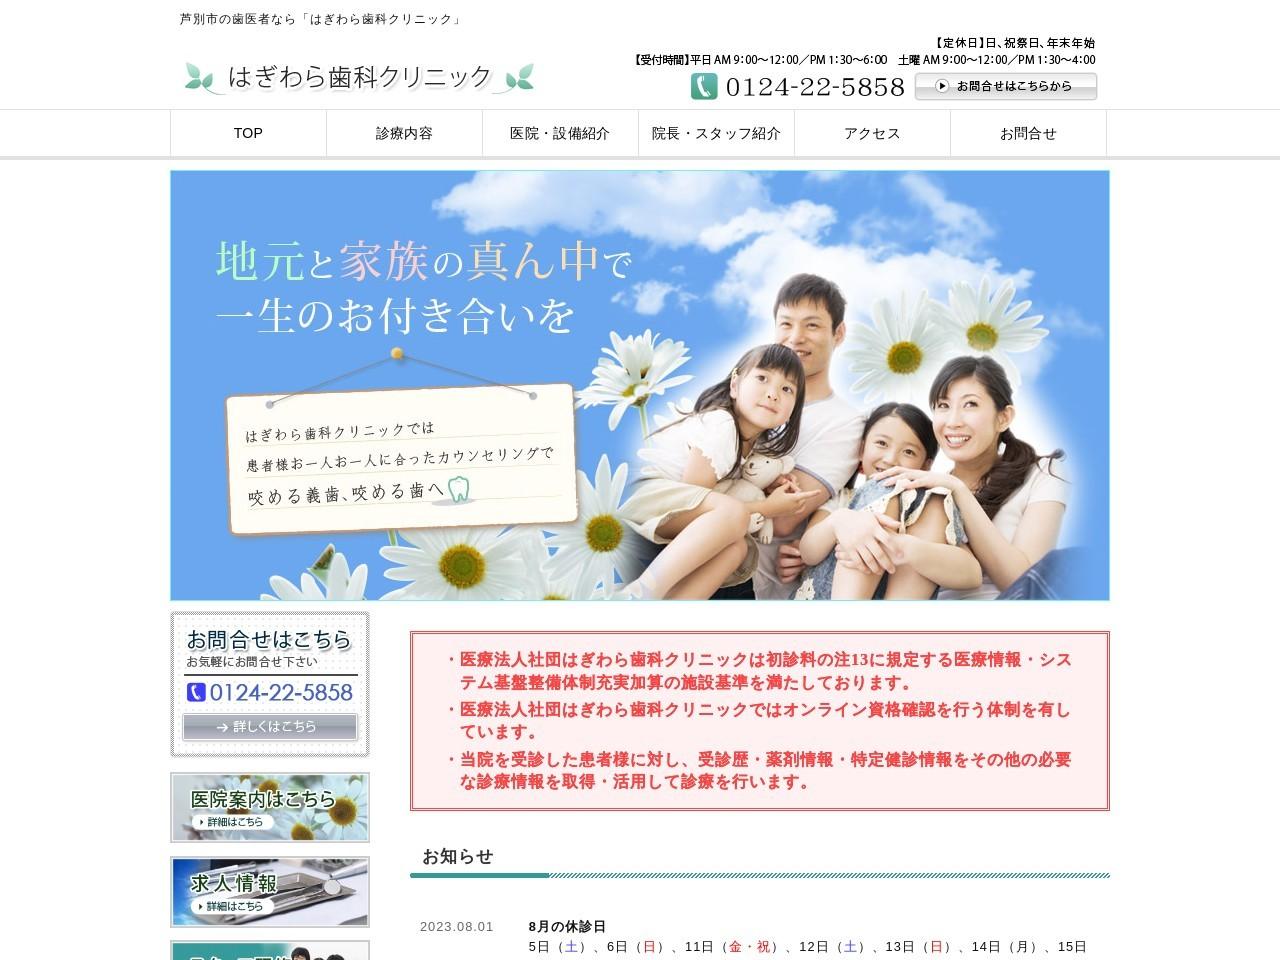 医療法人社団  はぎわら歯科クリニック (北海道芦別市)